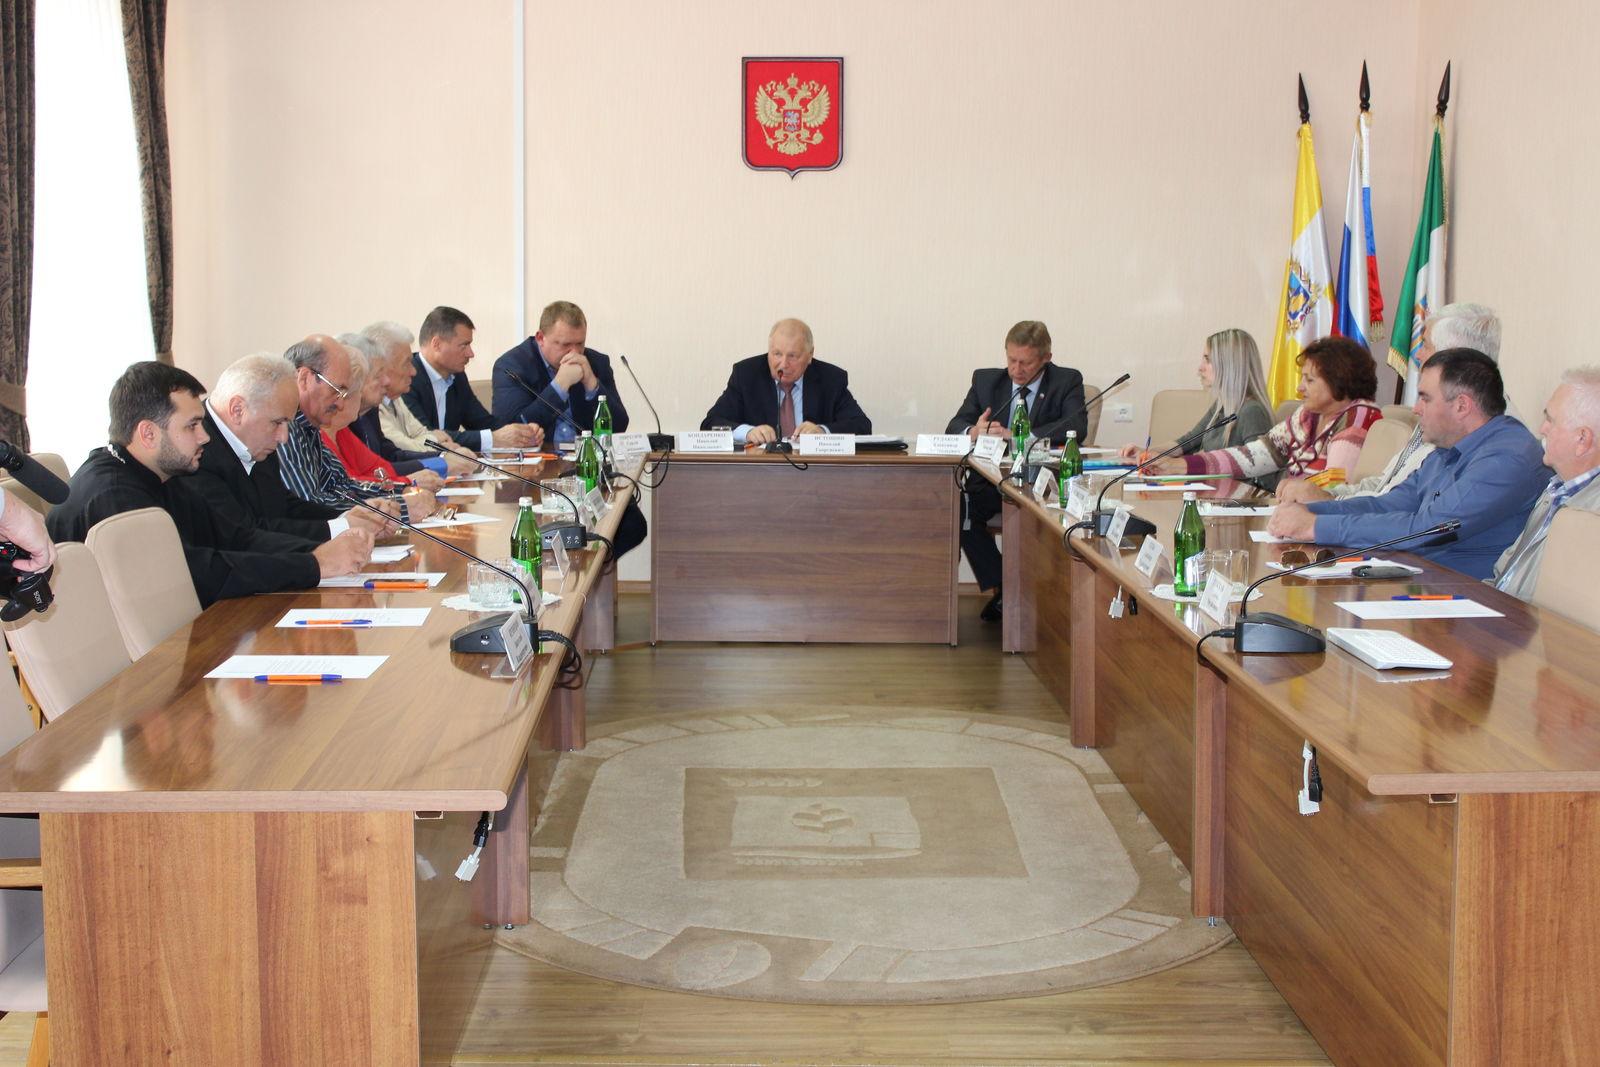 Общественный совет города-курорта Железноводска: ГТО, качество образования и готовность к отопительному сезону